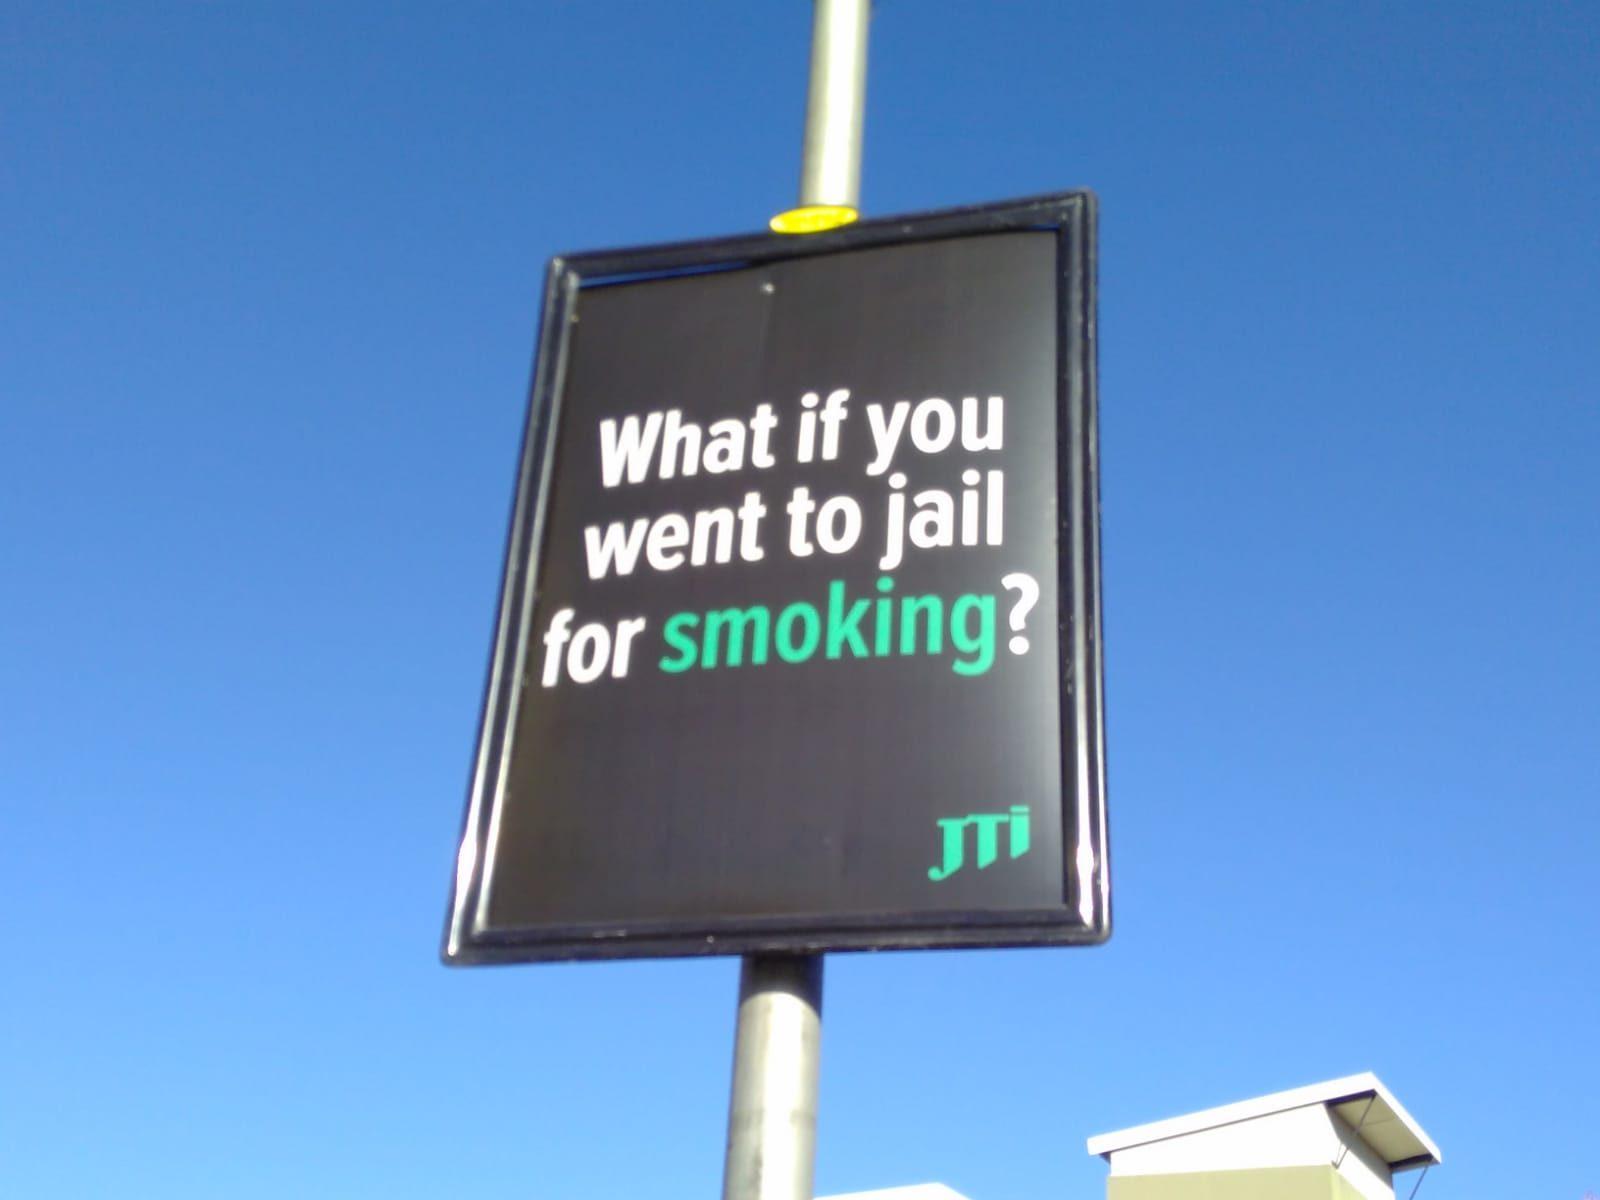 南アフリカのたばこ規制法強化に反対するJTインターナショナルの看板「喫煙して刑務所行きになったらどうする?」